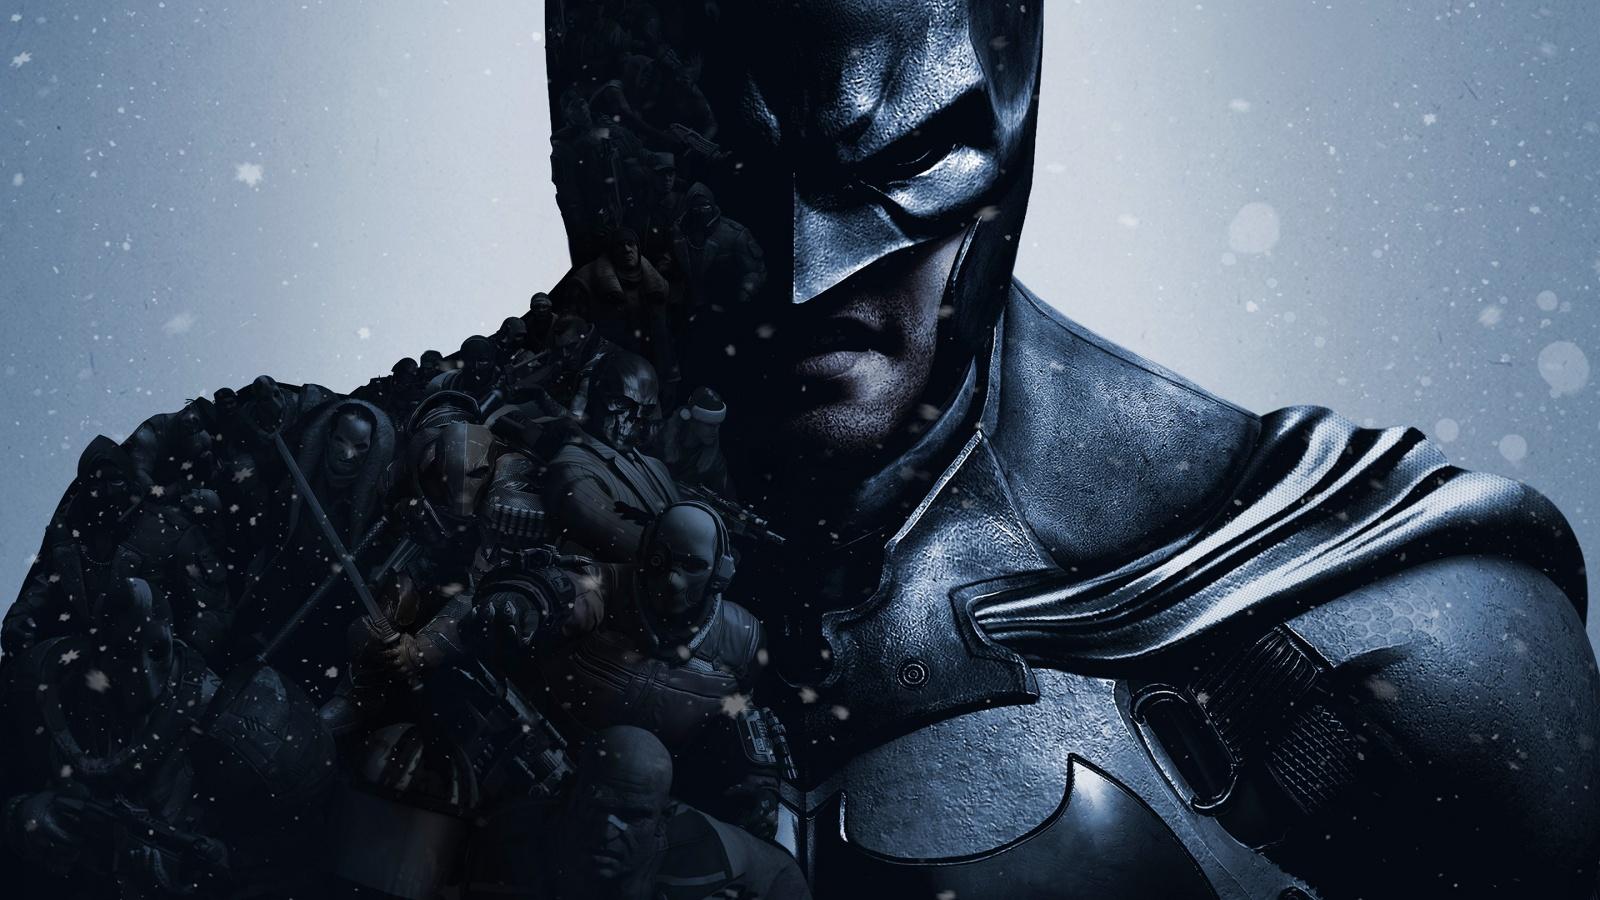 Se espera que la película 'The Batman' comience a filmarse en 2019